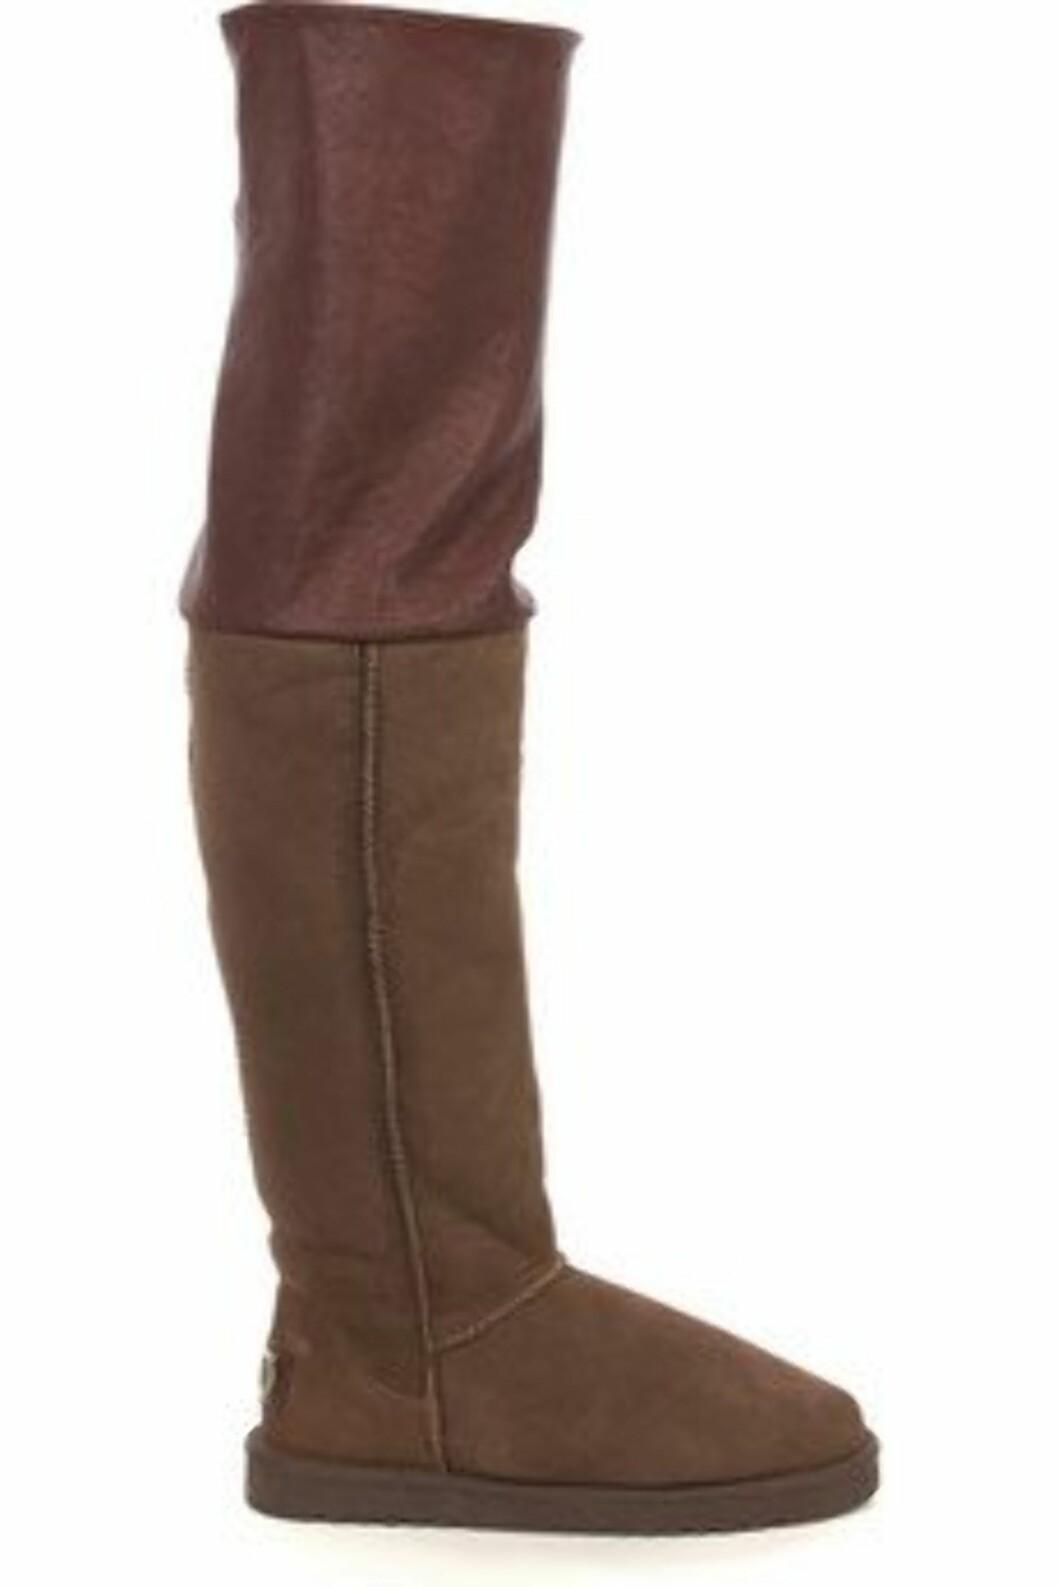 Også Australia Luxe Collective-bootsene er oppbrettbare. Øverste del er av skinn.  Foto: Produsenten